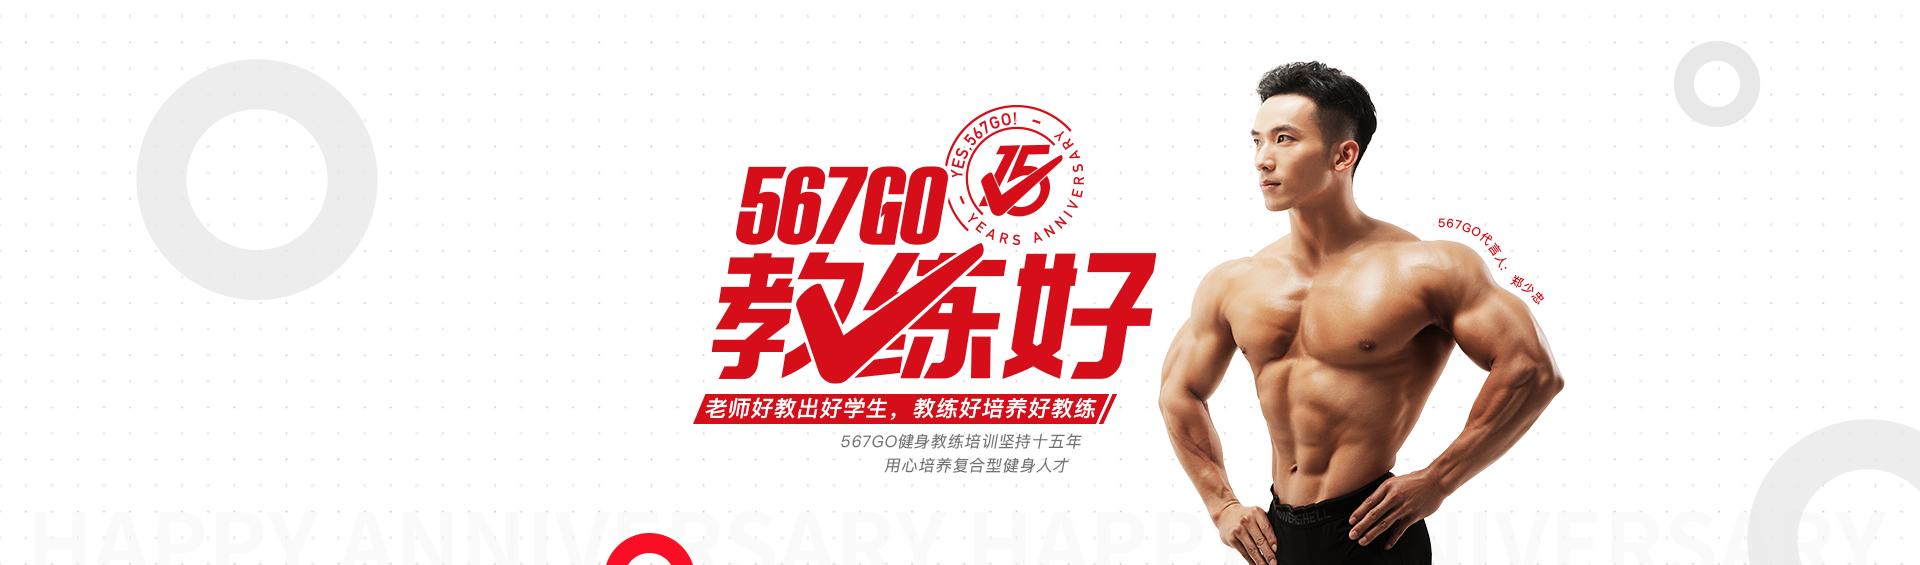 成都567GO健身学院 横幅广告